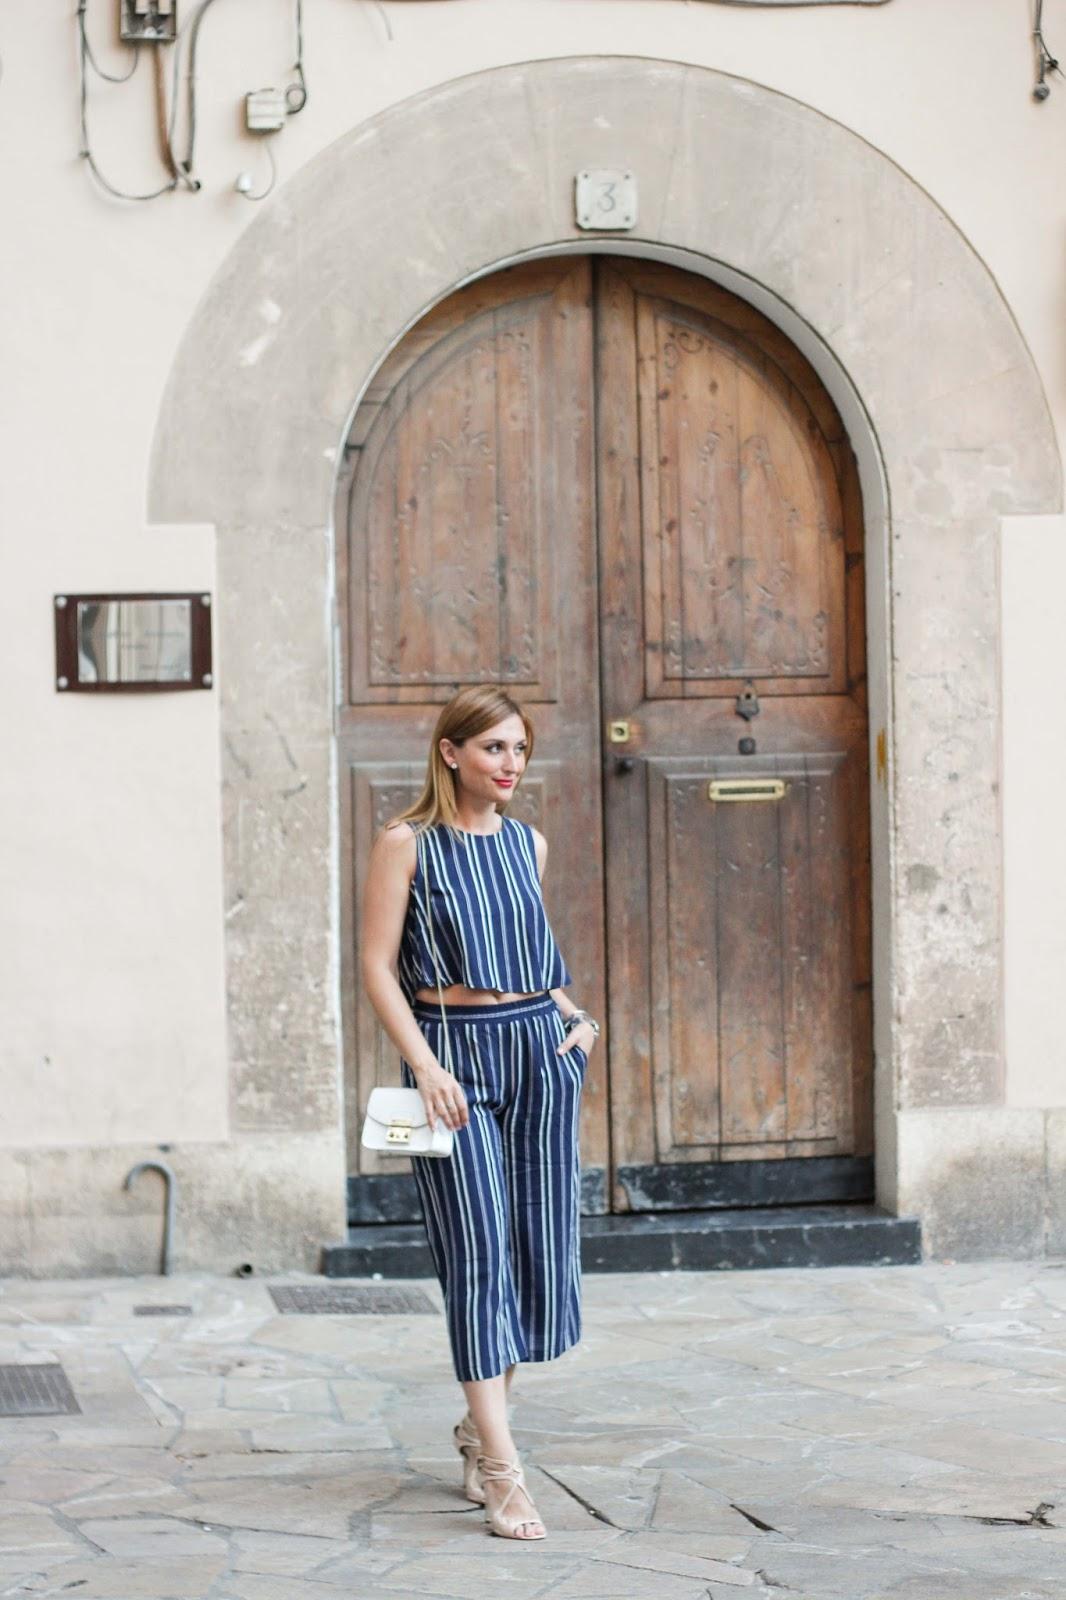 Cropped Top - Croptop - Streifen - Streifen Look - angesagte Streifentrends - Looks mit streifen -Furla Tasche Blogger